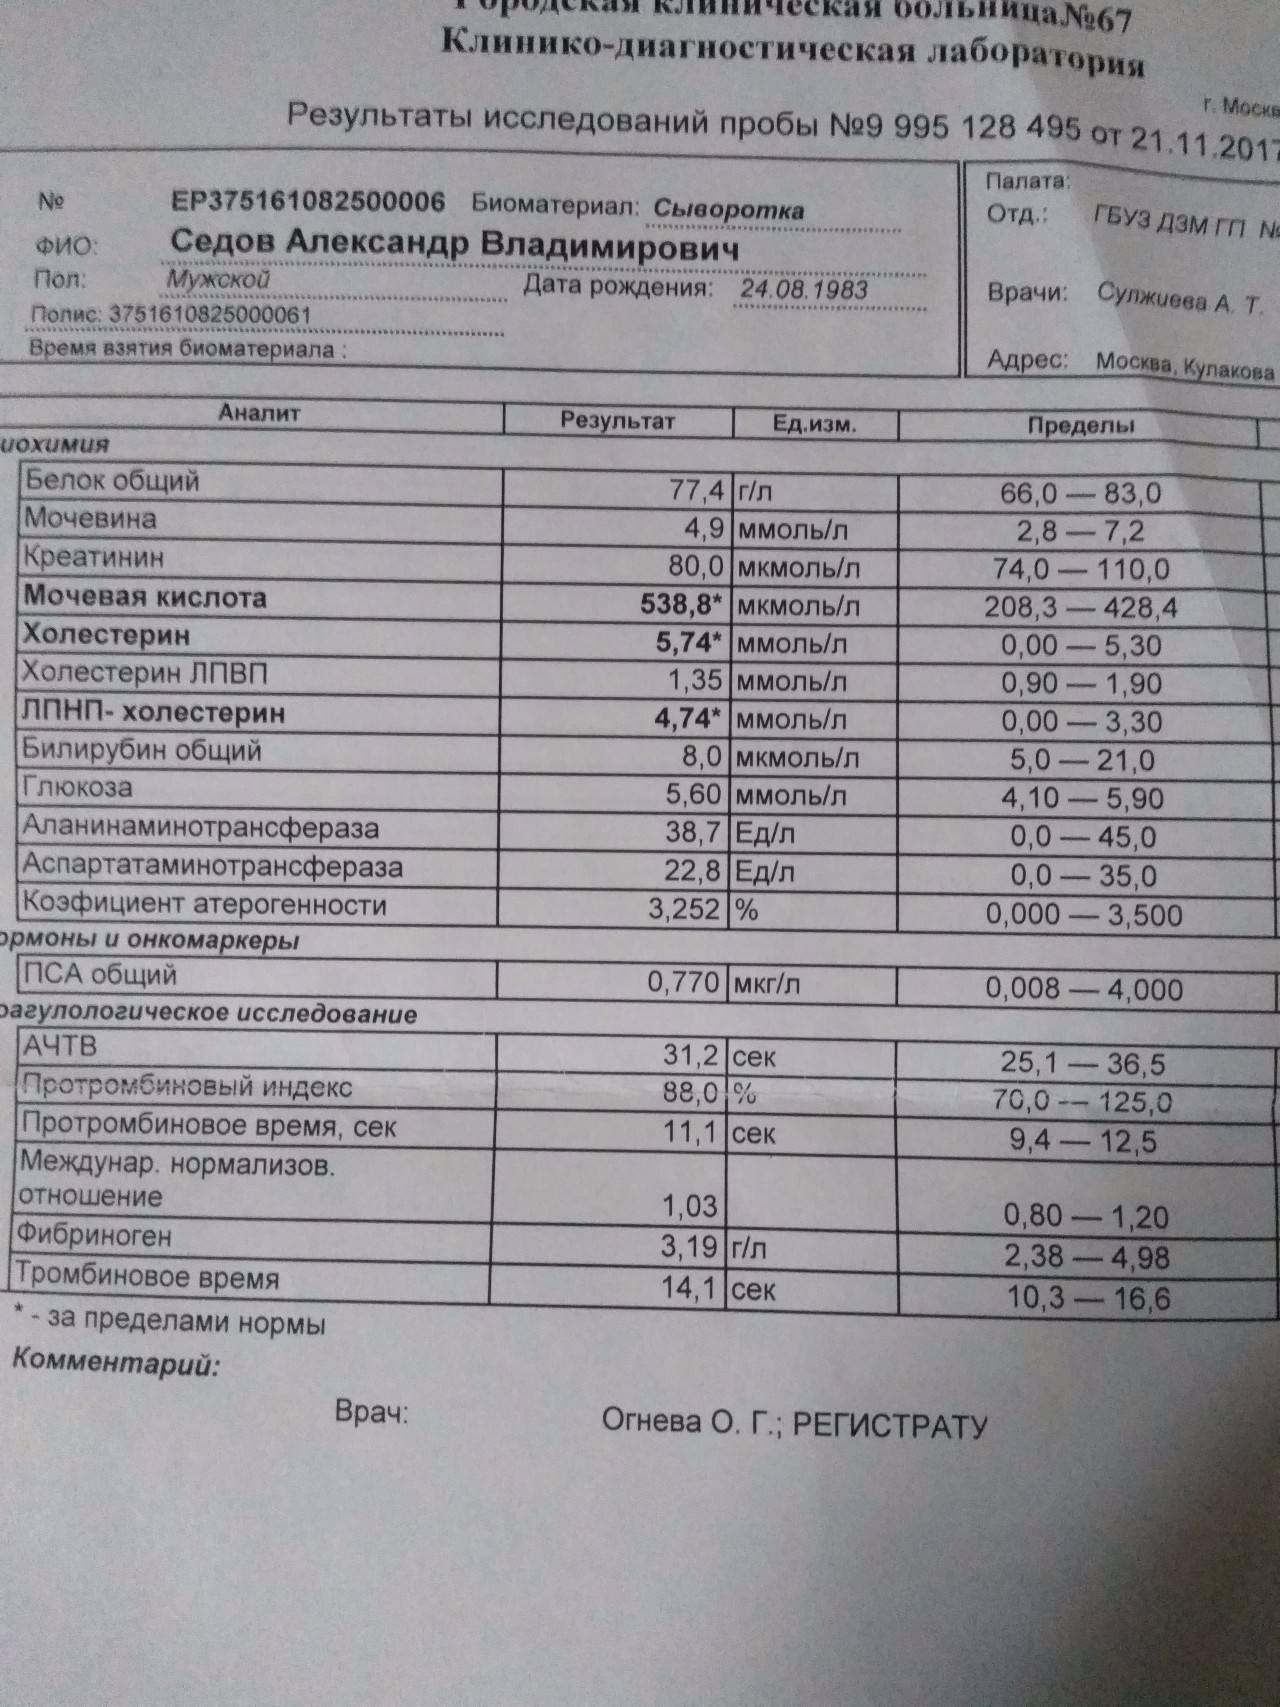 Коэффициент атерогенности: что это и как рассчитать индекс атерогенности у мужчин и женщин